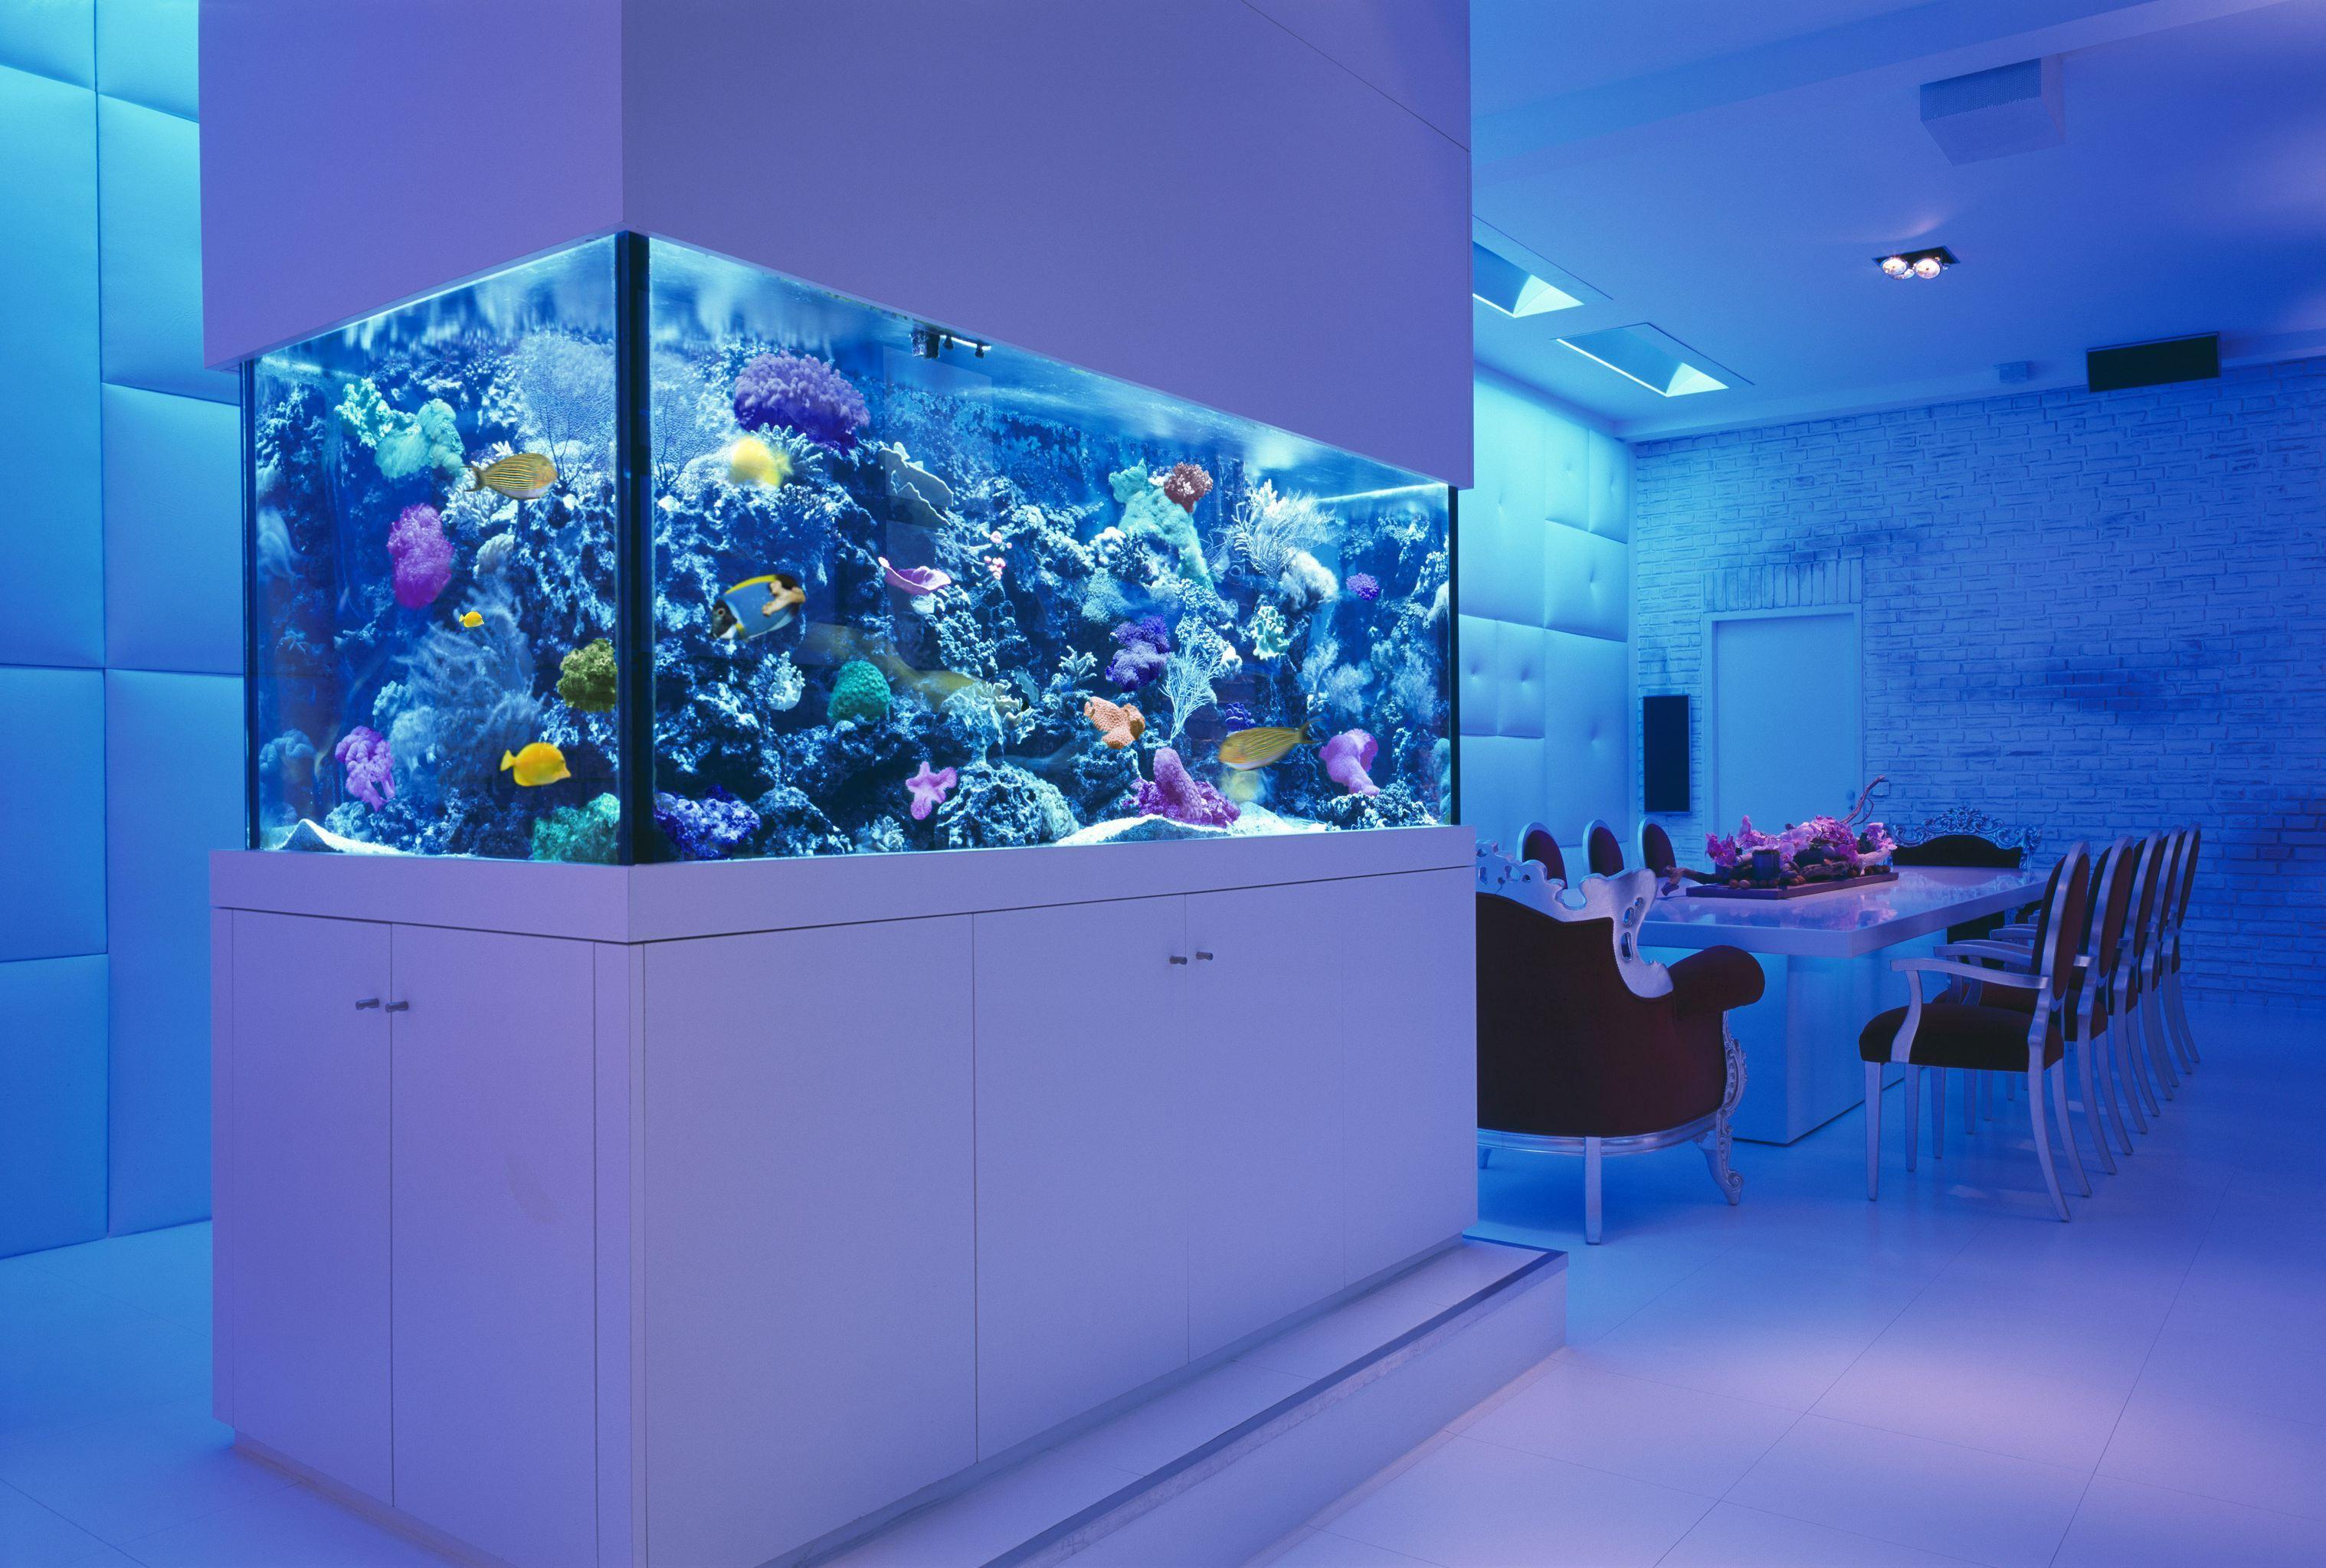 Luxury apartment with giant aquarium Aquarium